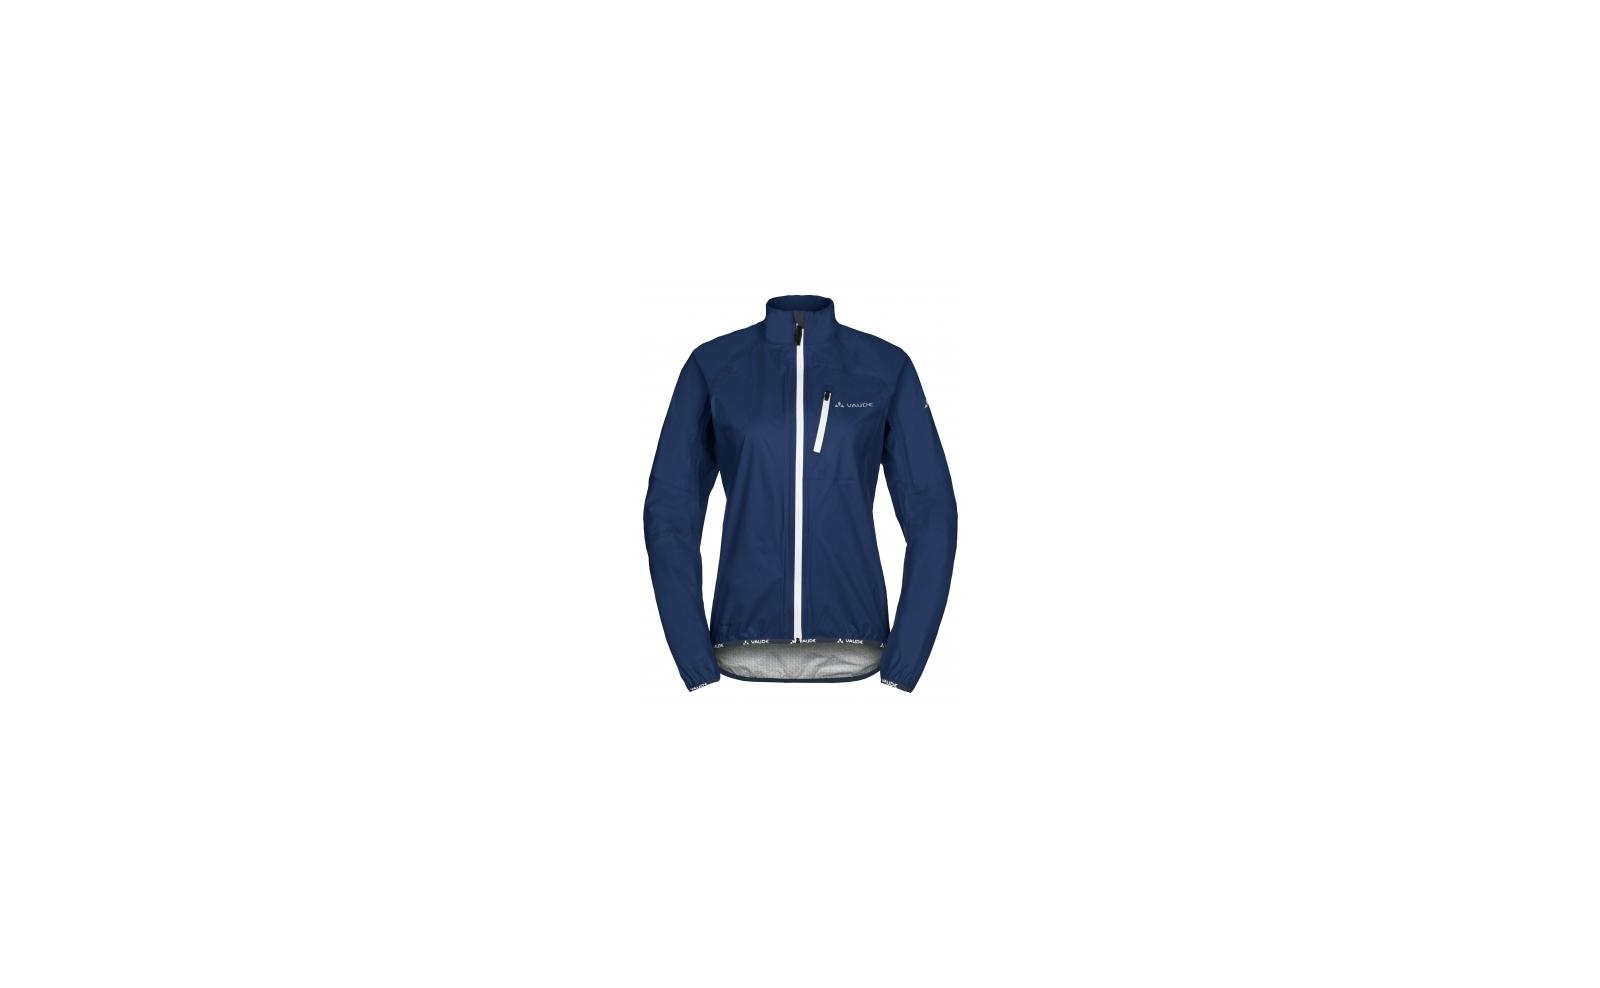 huge selection of 180e3 678b0 Vaude Wo Drop Jacket III